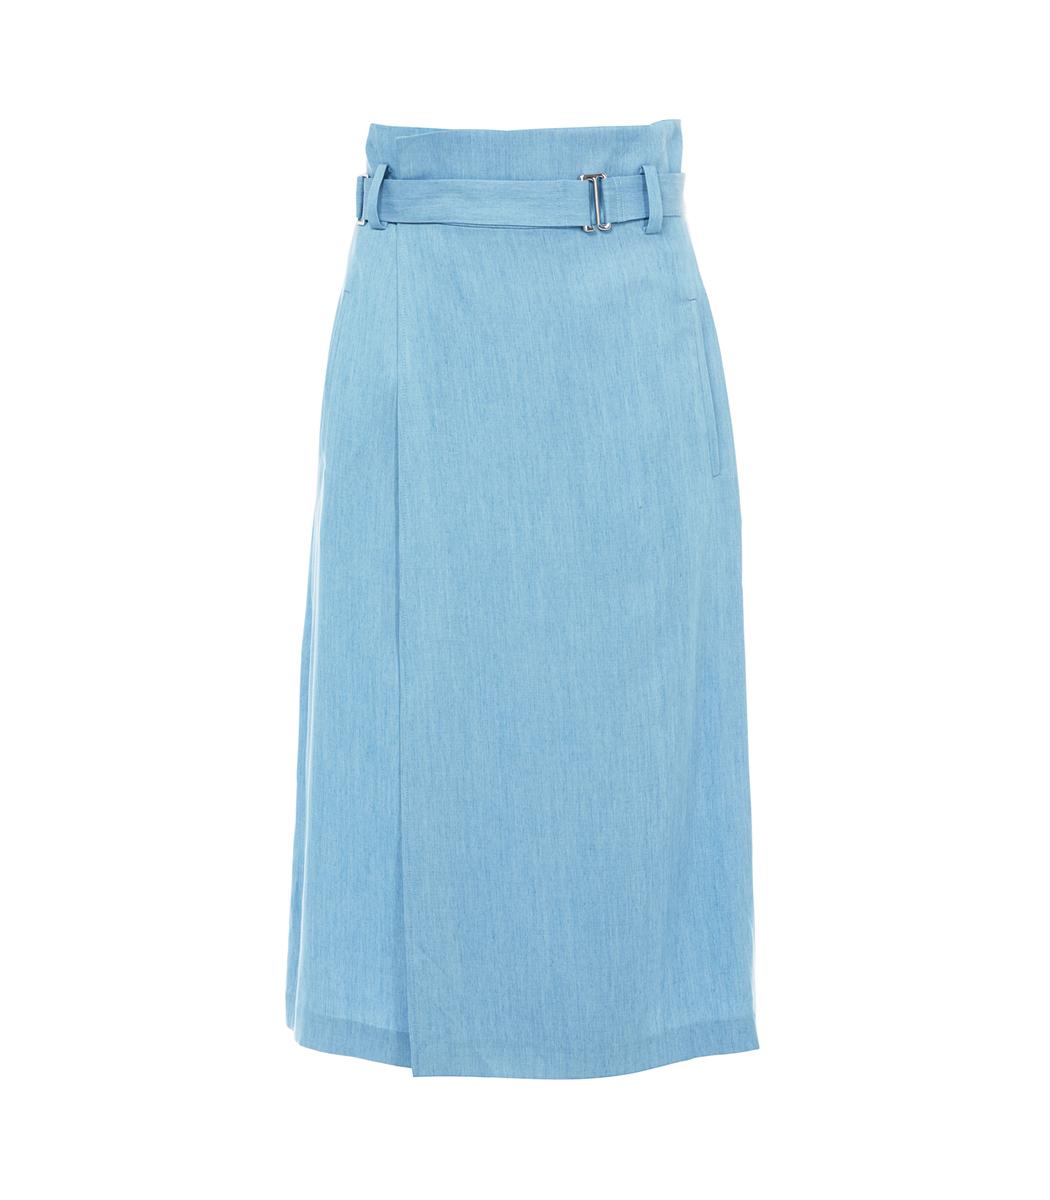 Tibi Light Denim Chambray Wrap Skirt